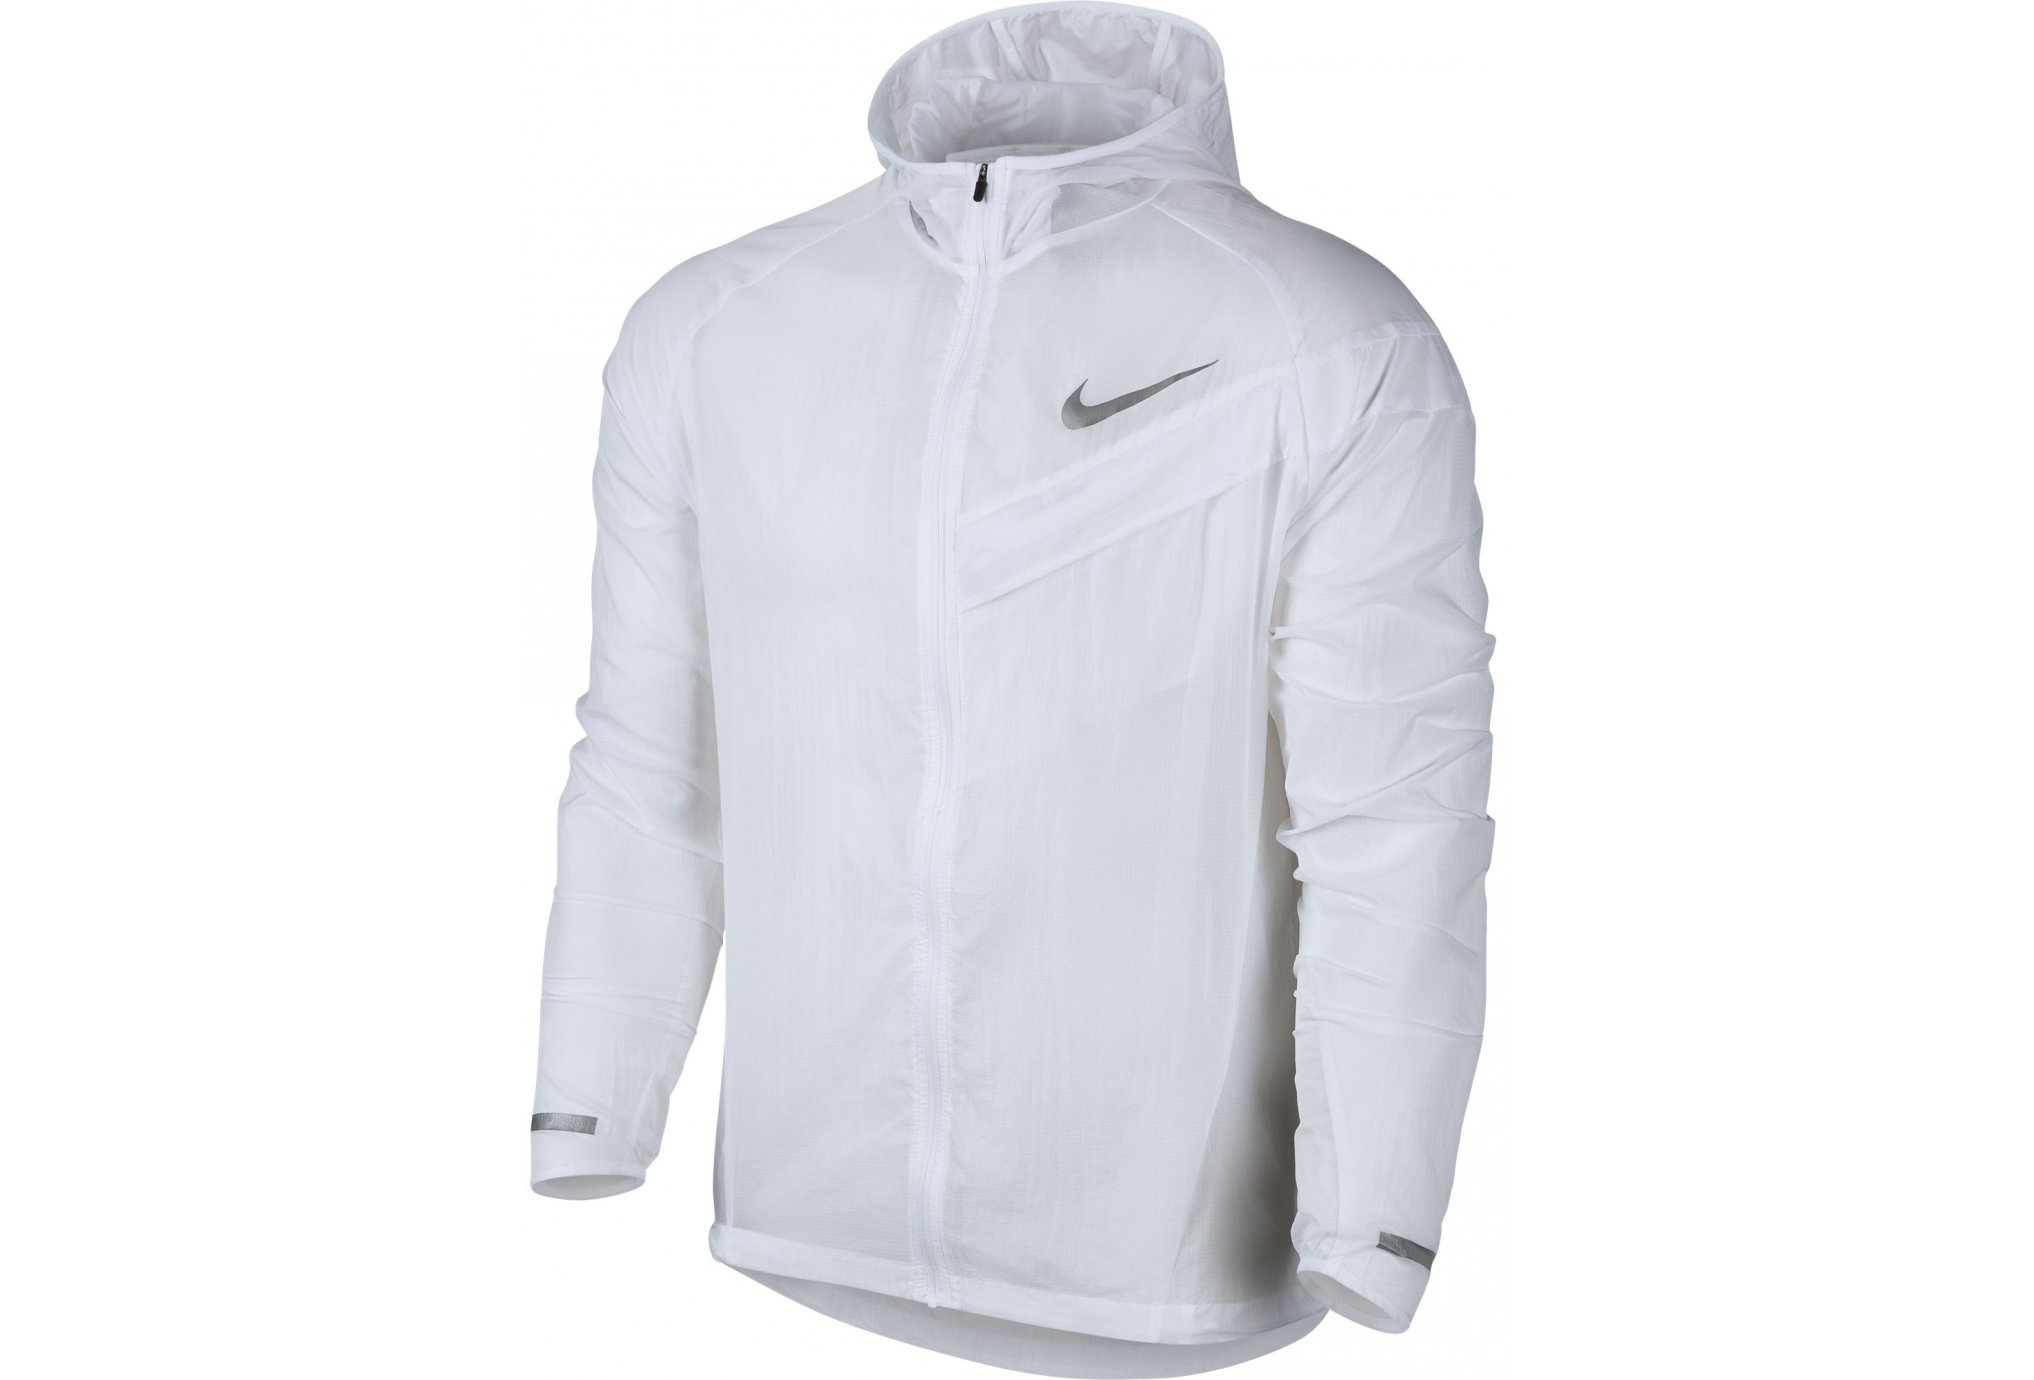 Liste Liste Vêtements Homme Coupe Nike Produits Vestes De Et Vent qtrwREt a81b85af2bd